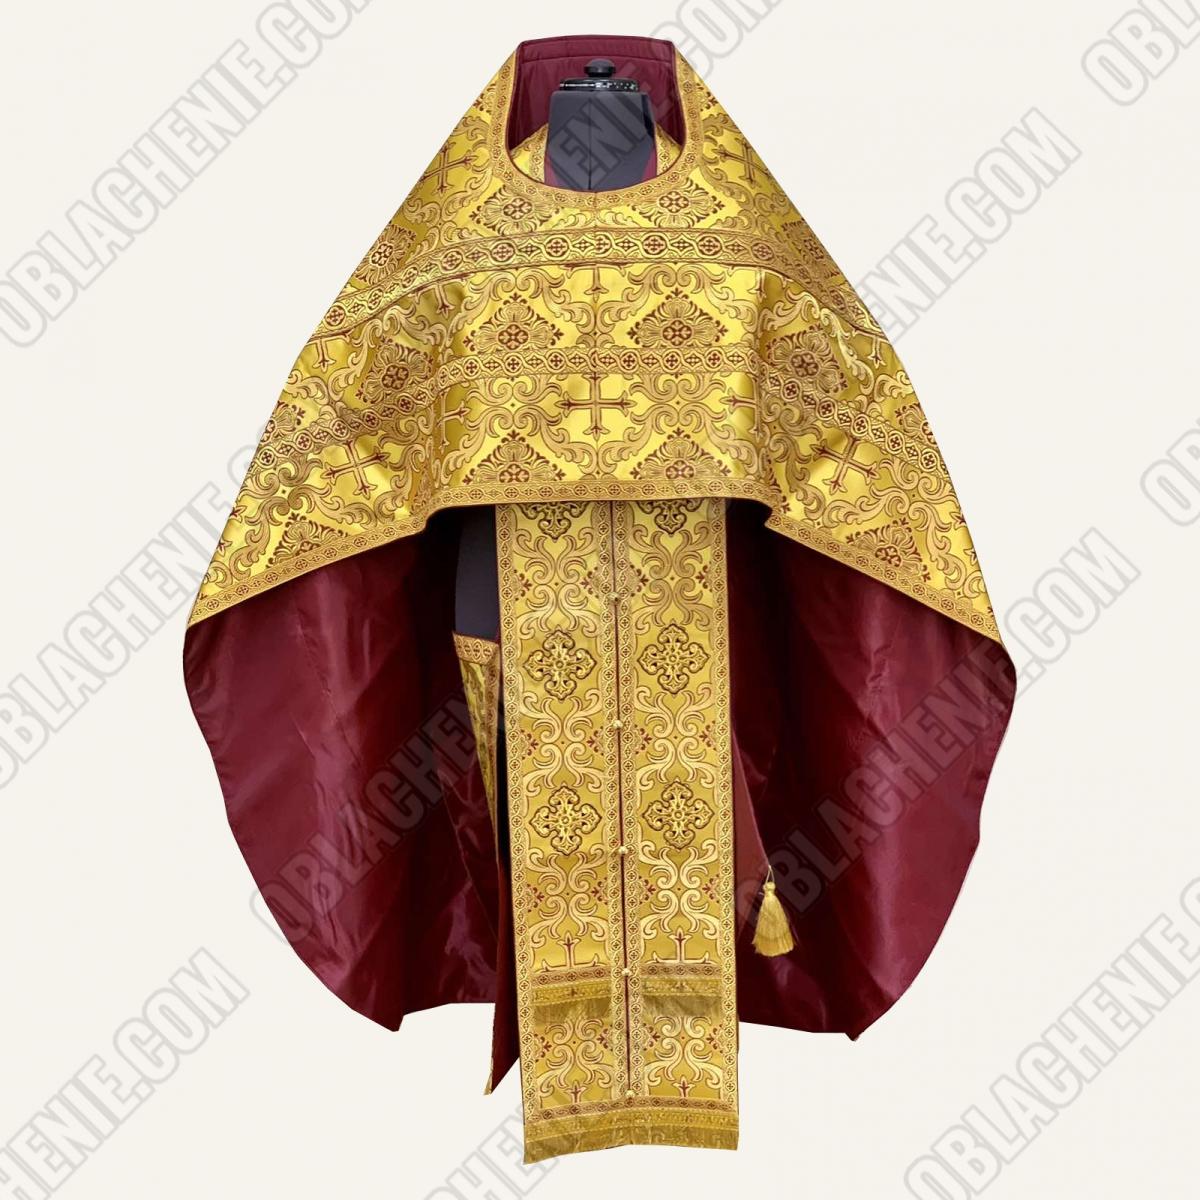 PRIEST'S VESTMENTS 11579